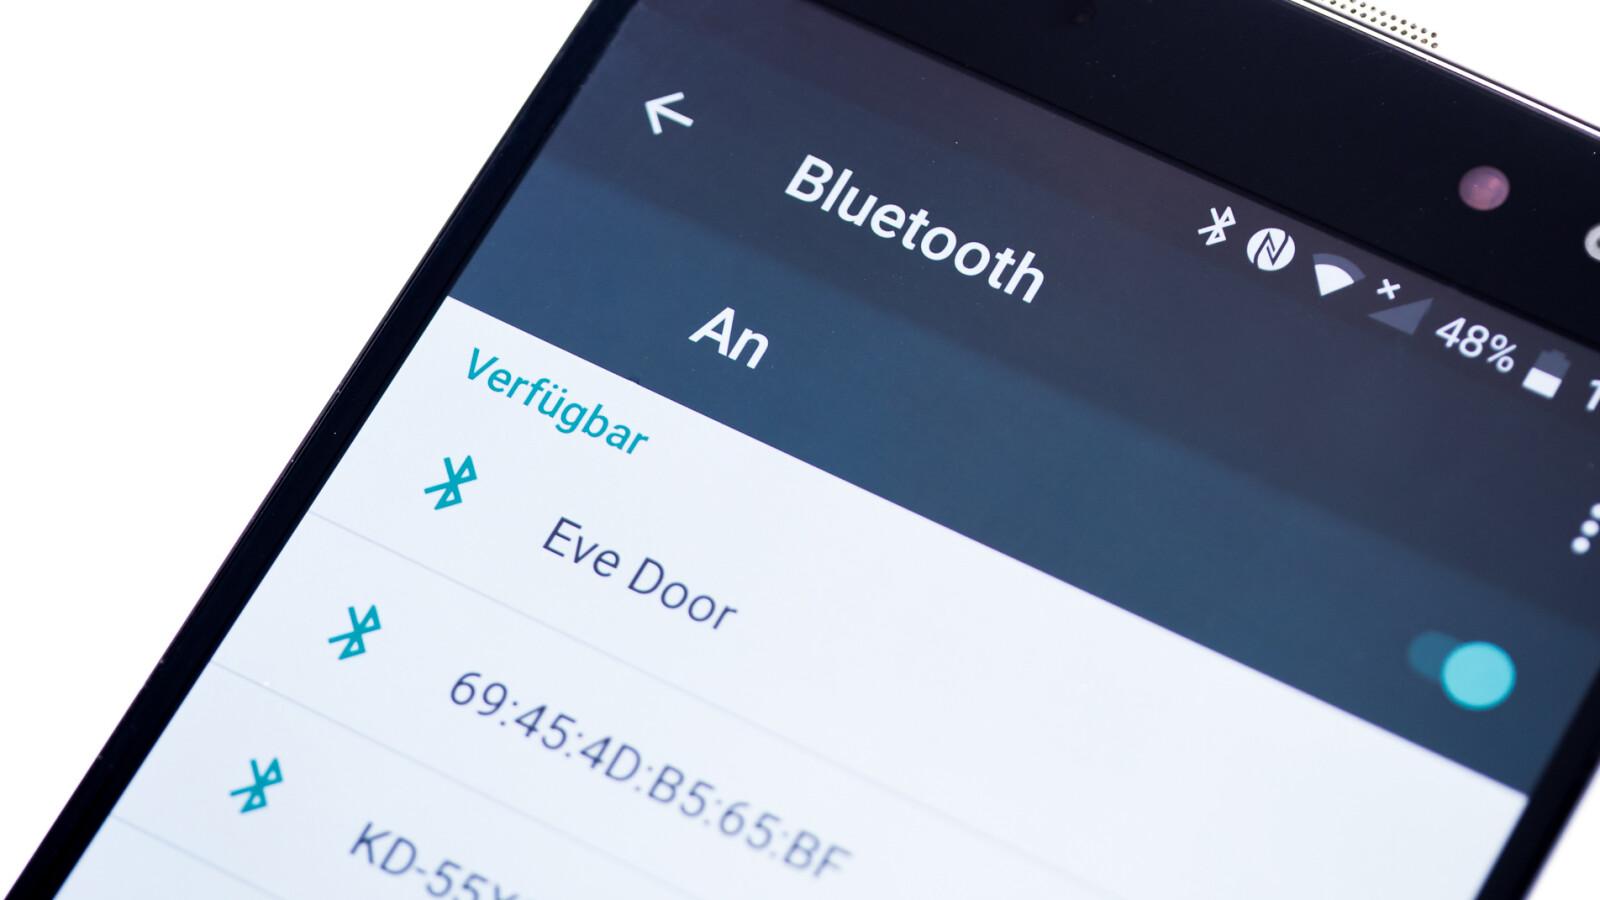 Bluetooth Lösungen Für Die Häufigsten Funkprobleme Netzwelt